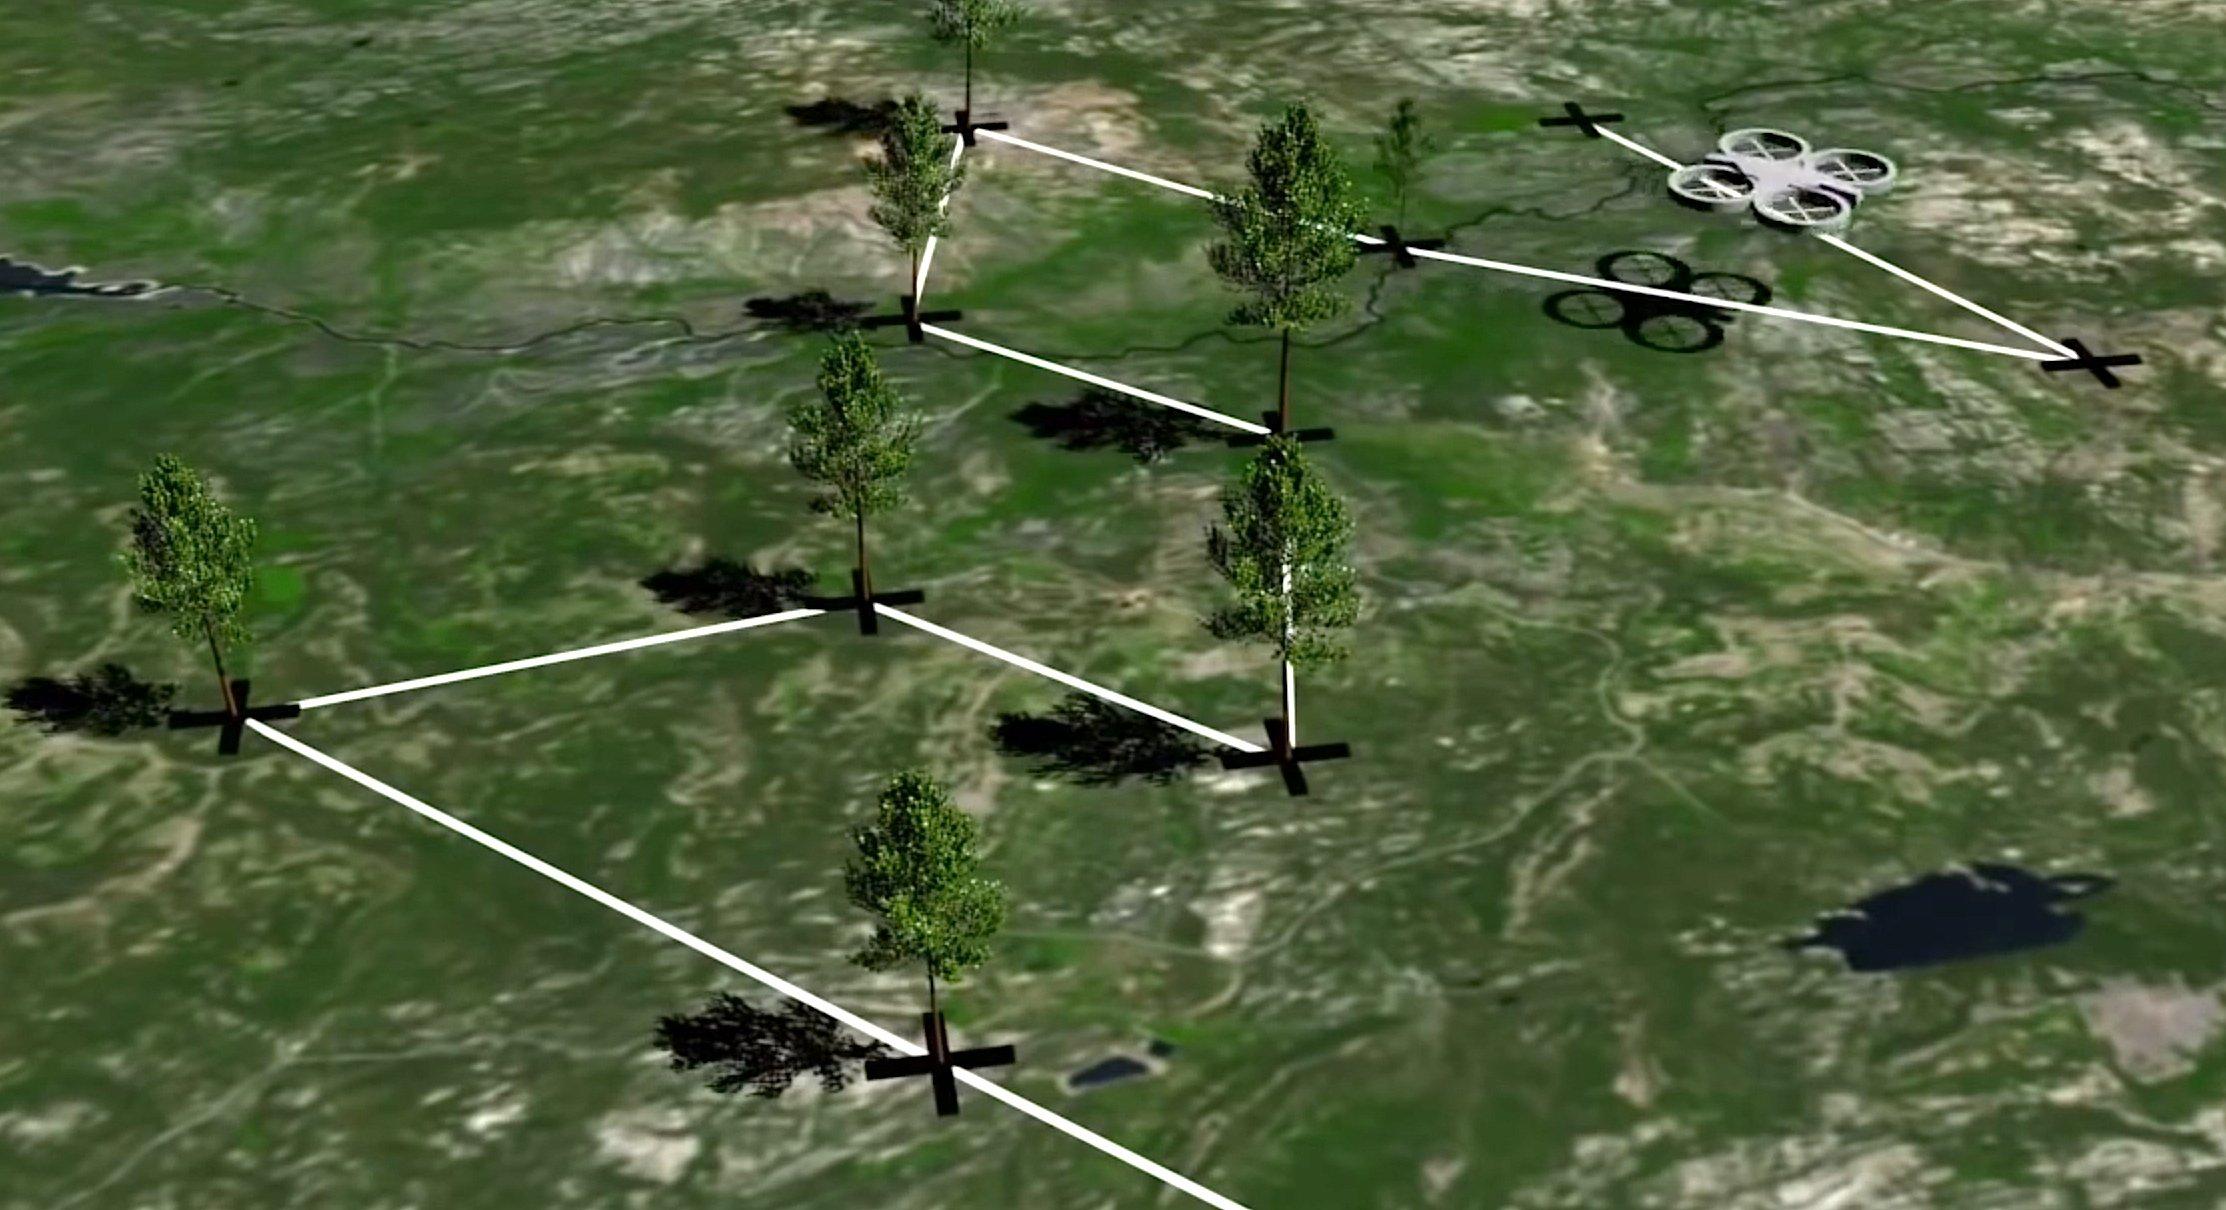 Die Drohne fliegt ein zuvor erfasstes Gelände ab und pflanzt die Bäume an festgelegten Standorten.